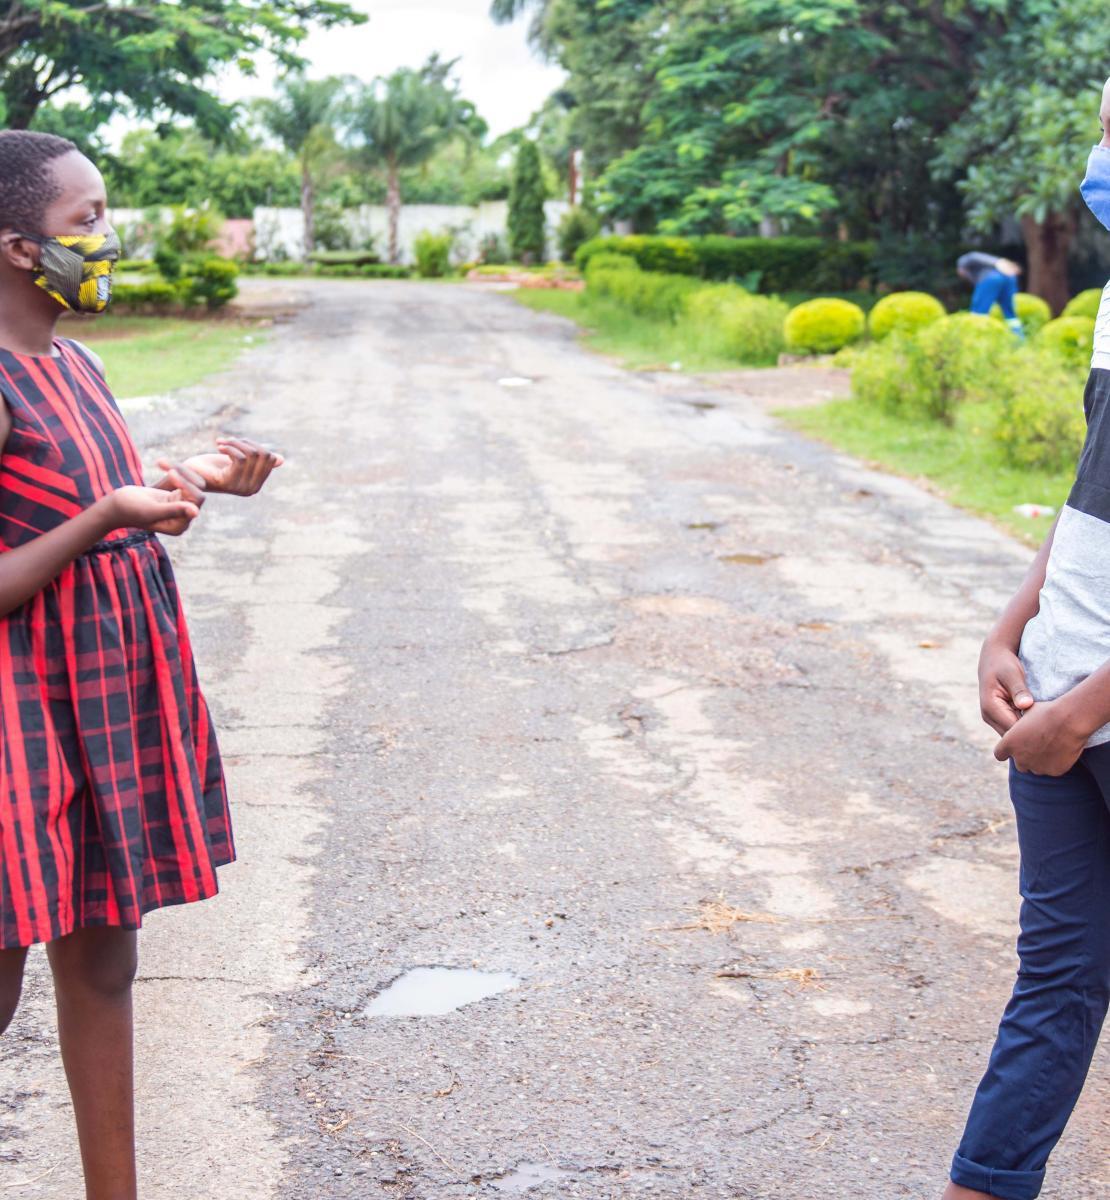 Une jeune adolescente et un jeune adolescent portant tous deux un masque de protection se tiennent debout au milieu d'une route à Lusaka, en Zambie. Il montrent comment se tenir à bonne distance l'un de l'autre pour se protéger contre une contamination à la COVID-19.